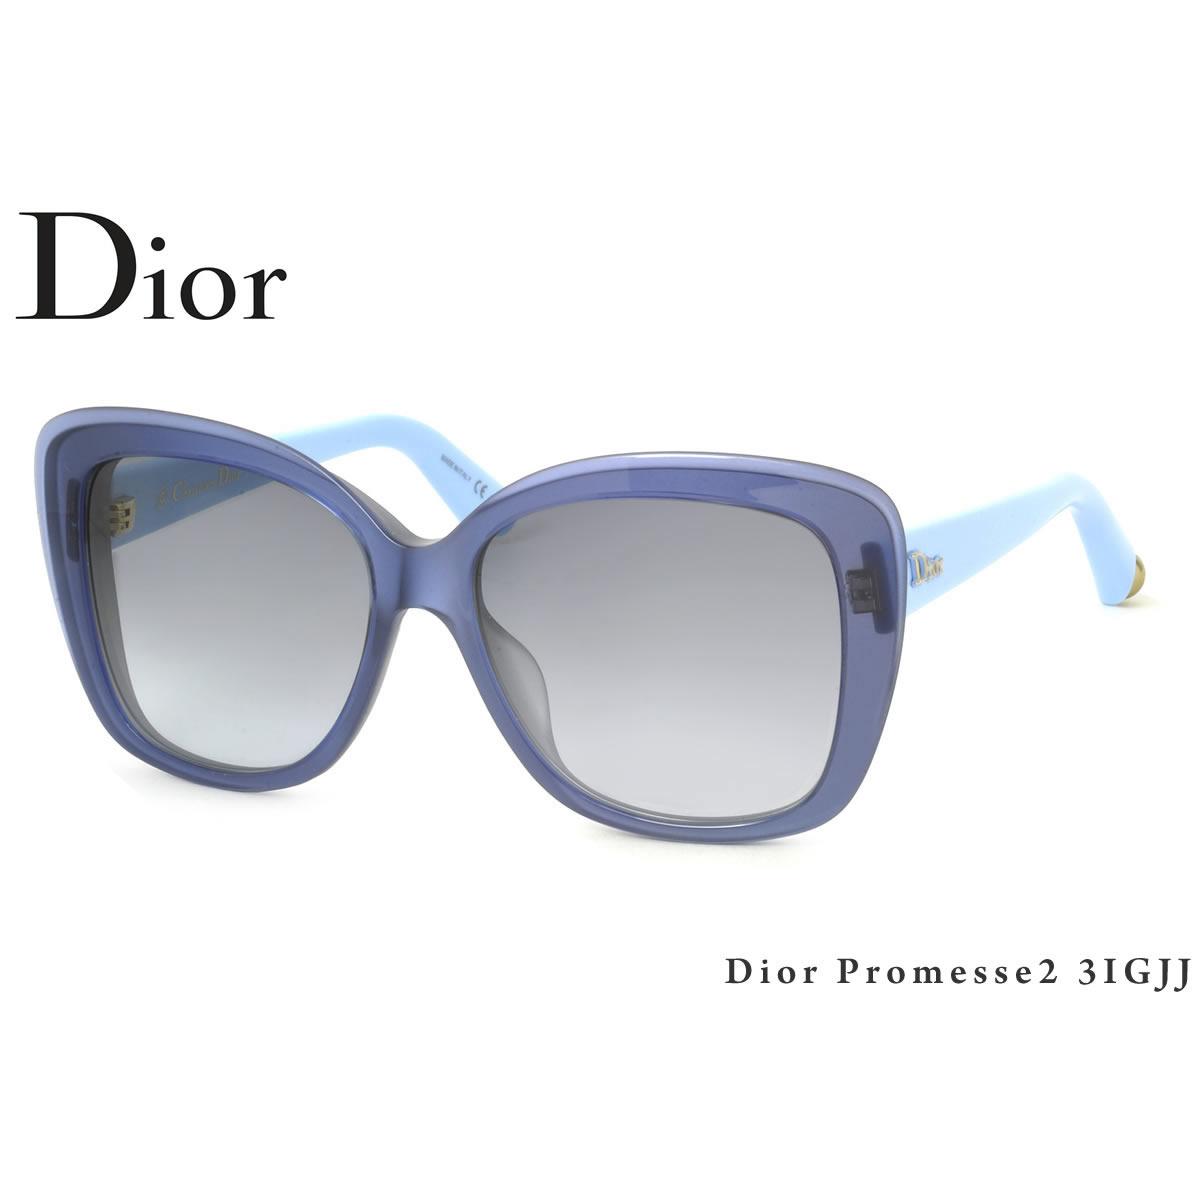 ポイント最大33倍 【14時までのご注文は即日発送】DIORPROMESSE2 3IGJJ 56サイズ Dior (ディオール) サングラス DIORPROMESSE2 インターナショナルモデル メンズ レディース【あす楽対応】